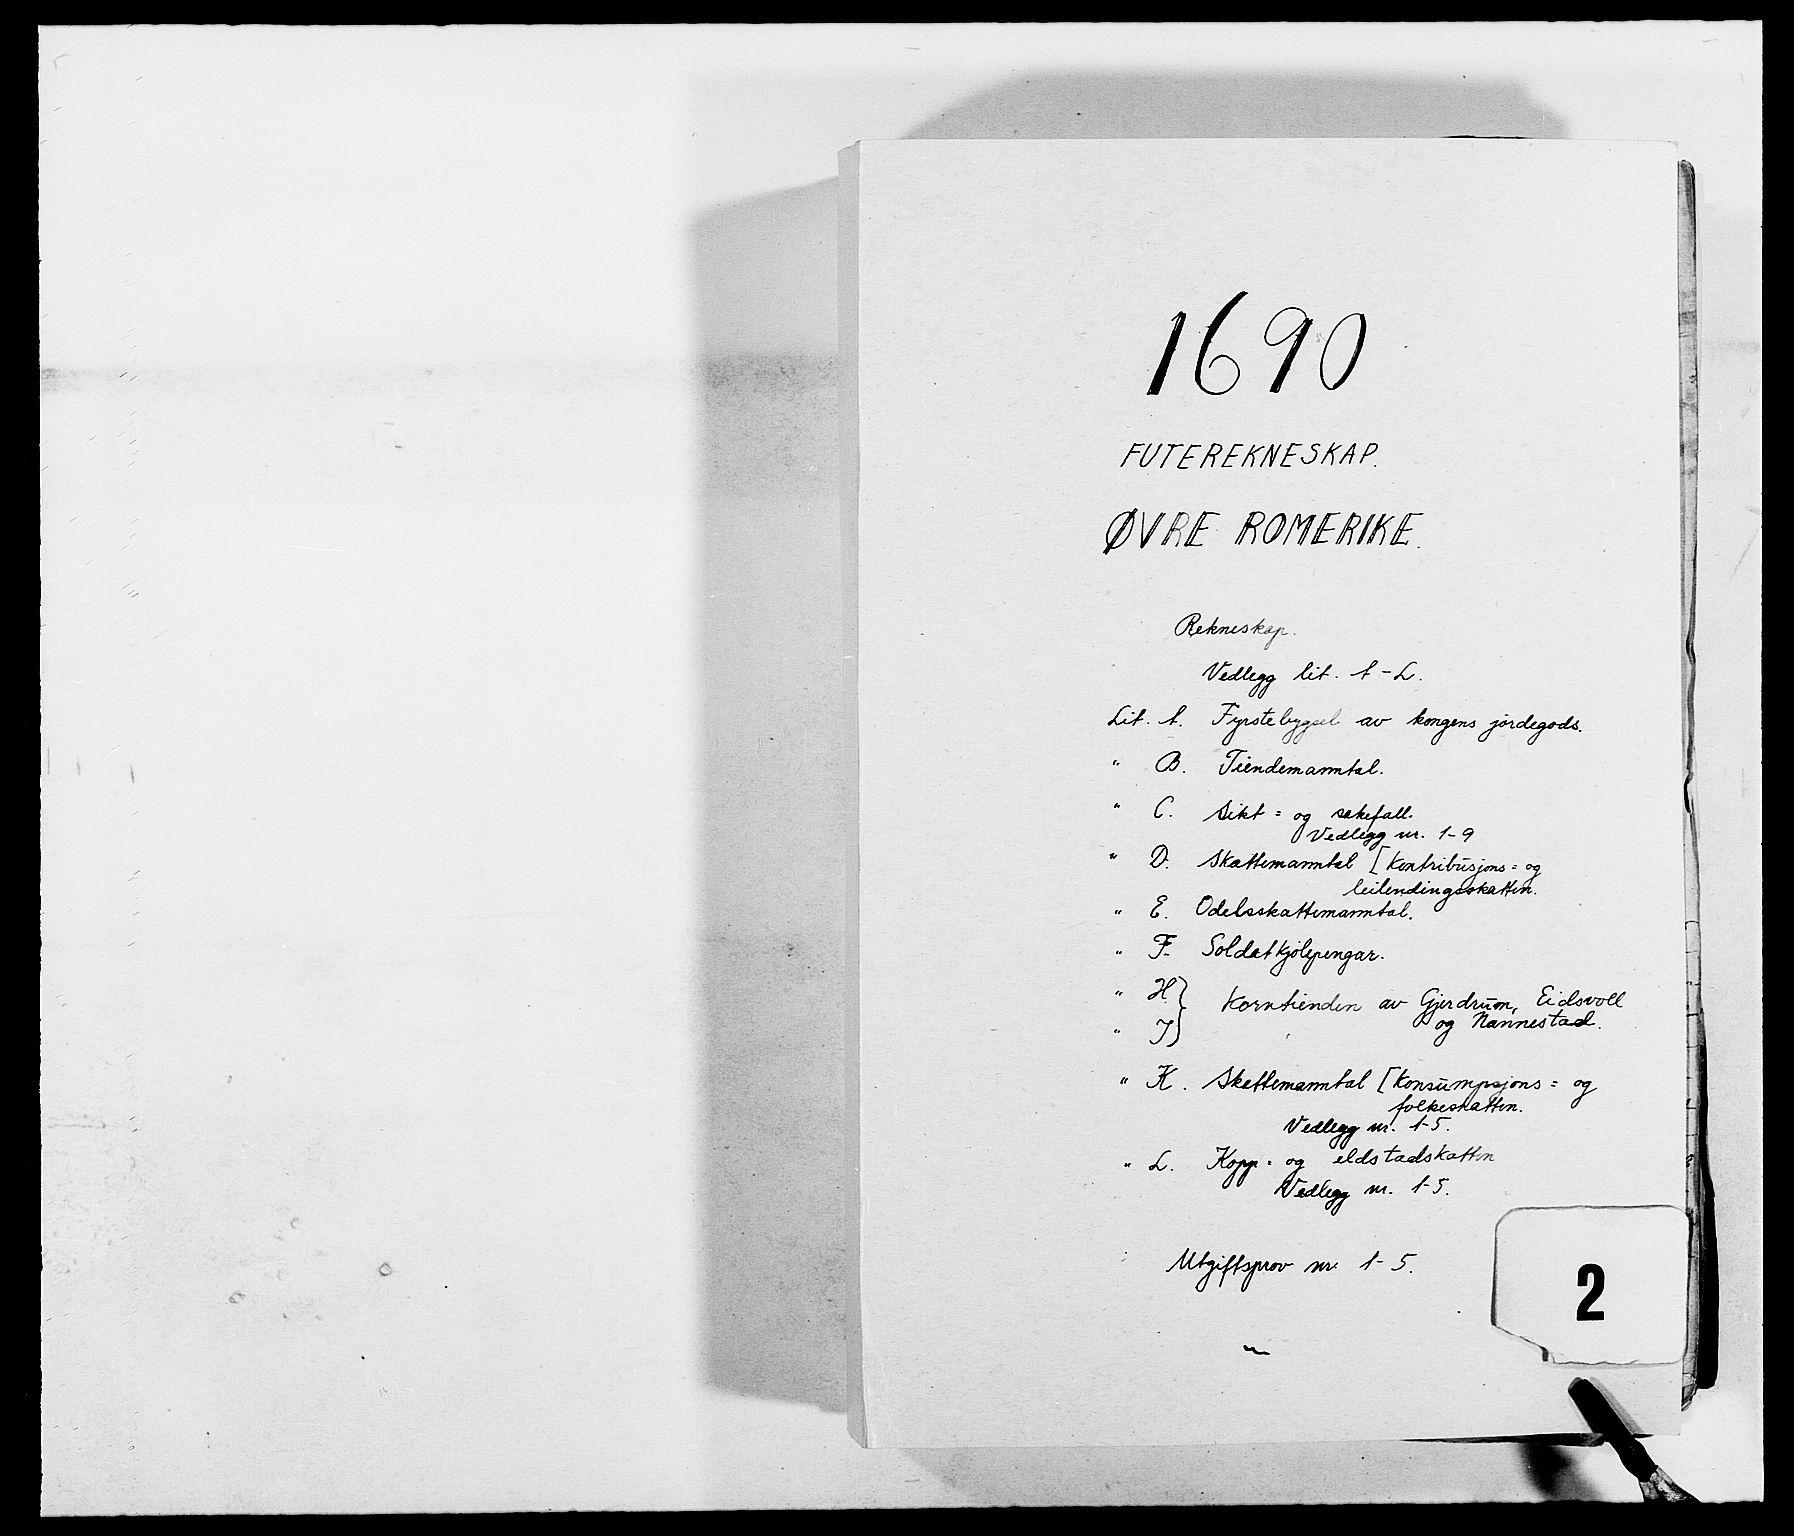 RA, Rentekammeret inntil 1814, Reviderte regnskaper, Fogderegnskap, R12/L0702: Fogderegnskap Øvre Romerike, 1690, s. 1